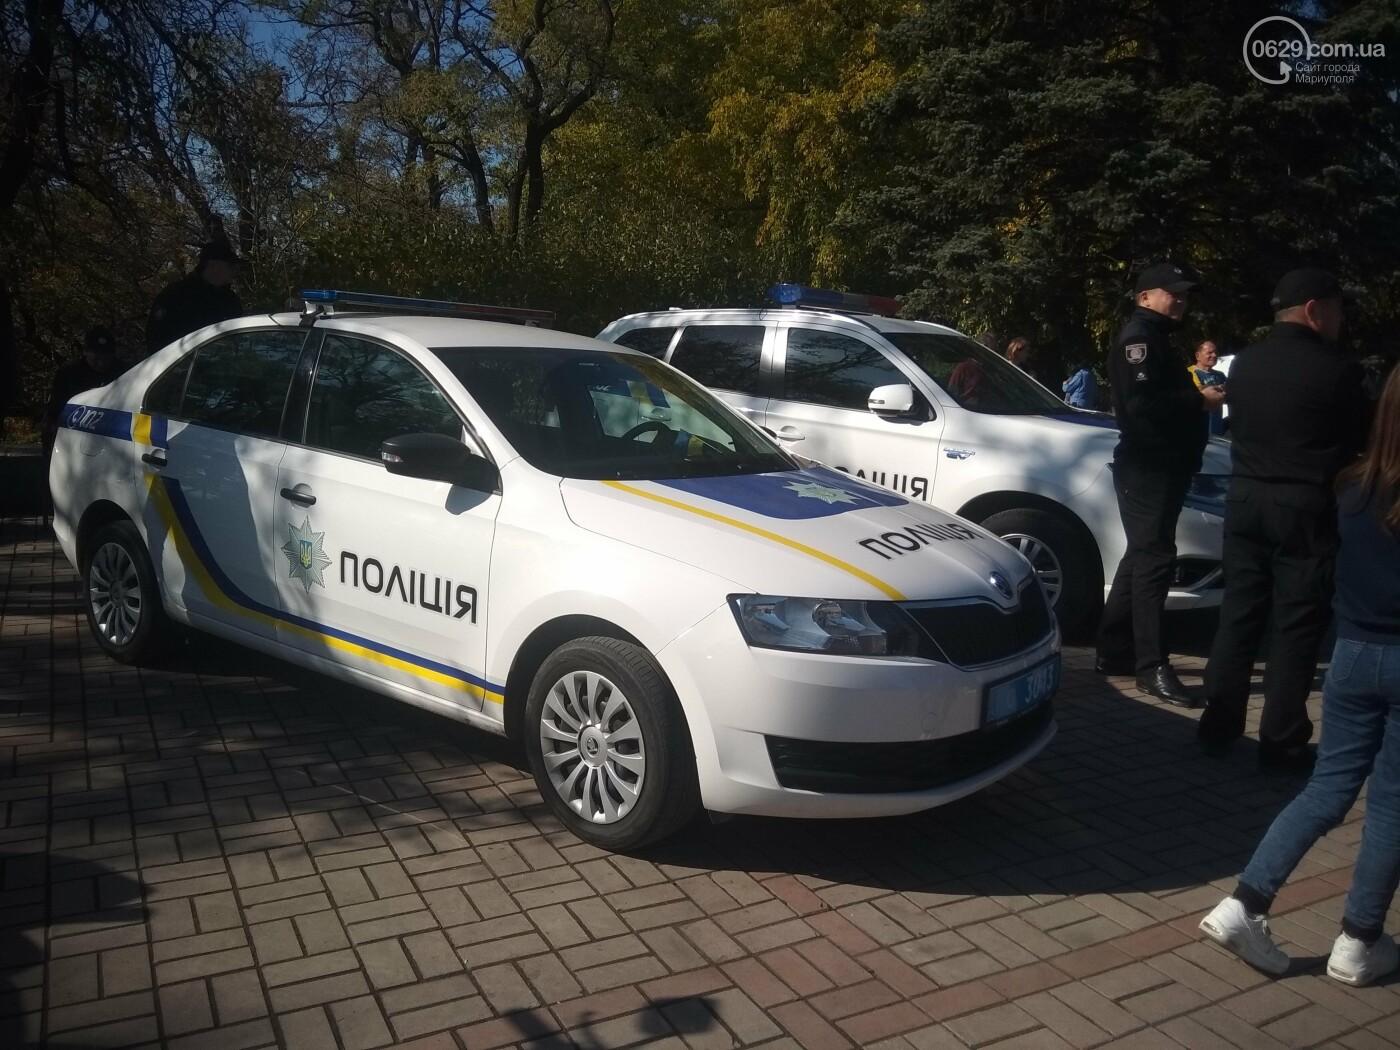 Мариупольцы празднуют День защитника Украины, - ФОТОРЕПОРТАЖ , фото-6